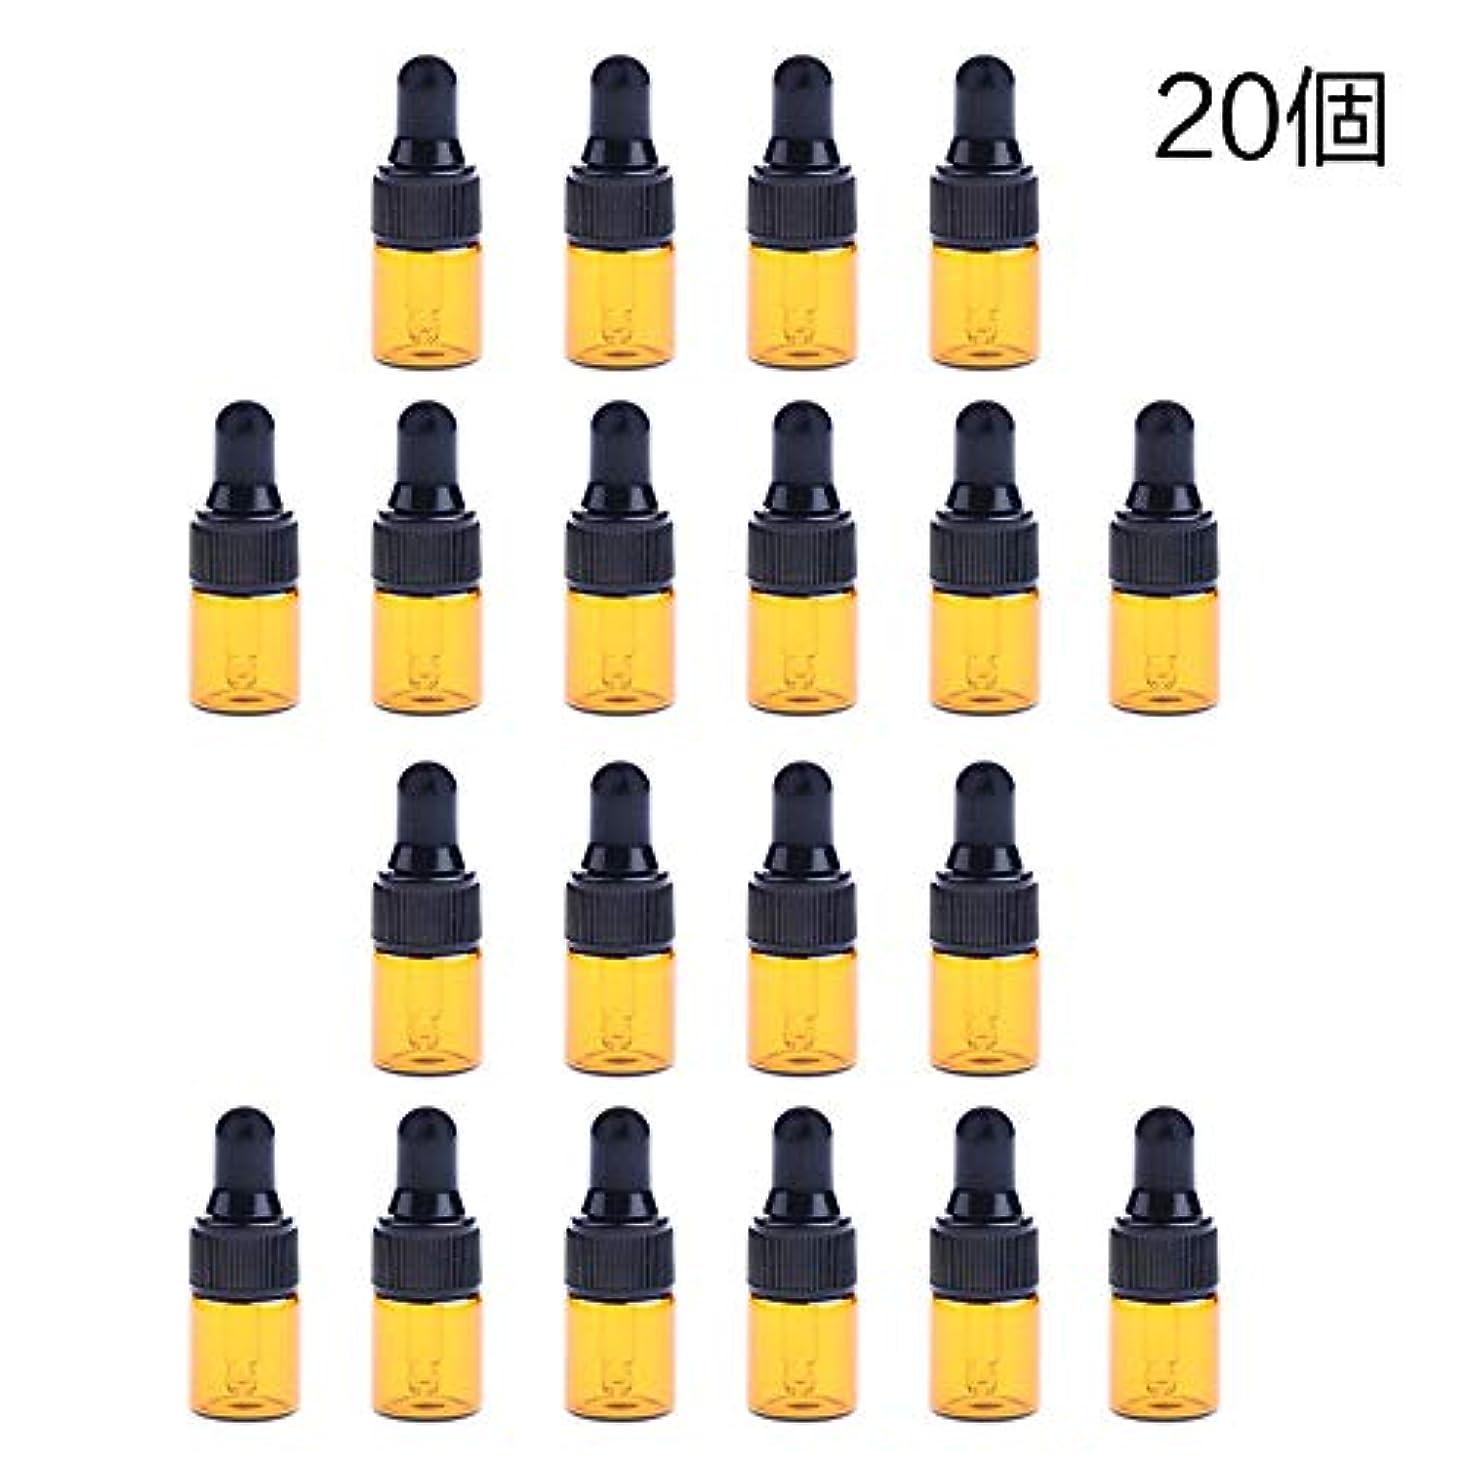 店主日帰り旅行に喜ぶ20個 ドロッパーボトル エッセンシャルオイル ミニサイズ 詰め替え可 ガラス スポイトボトル